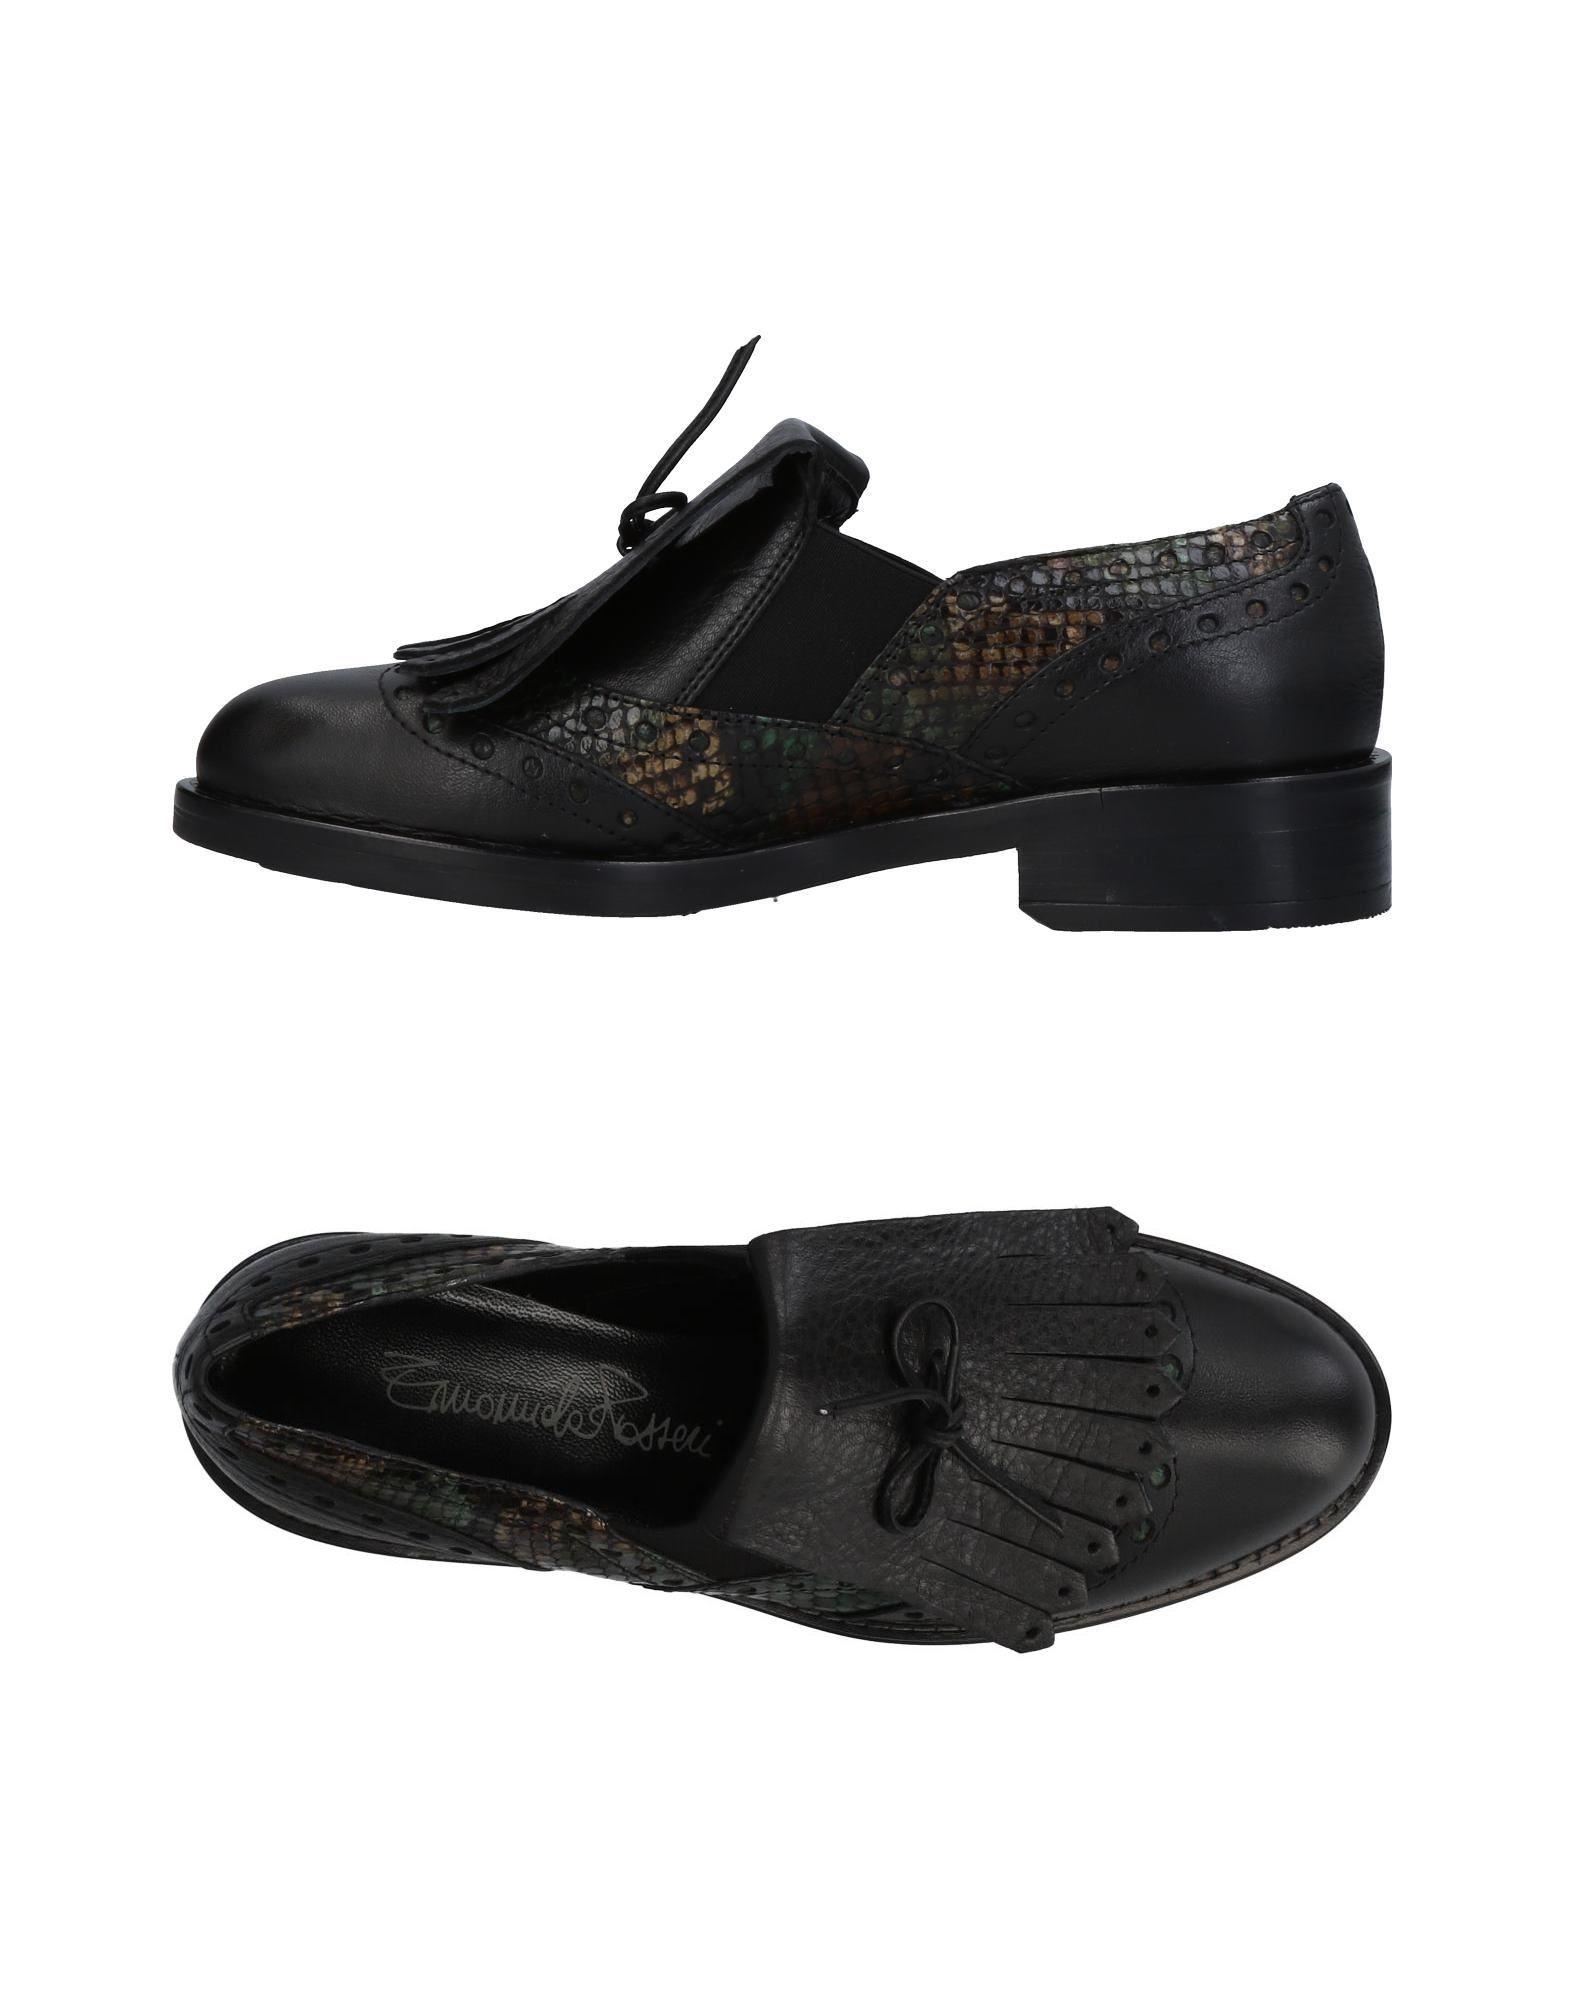 Emanuela Passeri Mokassins Damen beliebte  11444424BP Gute Qualität beliebte Damen Schuhe 72e7d7